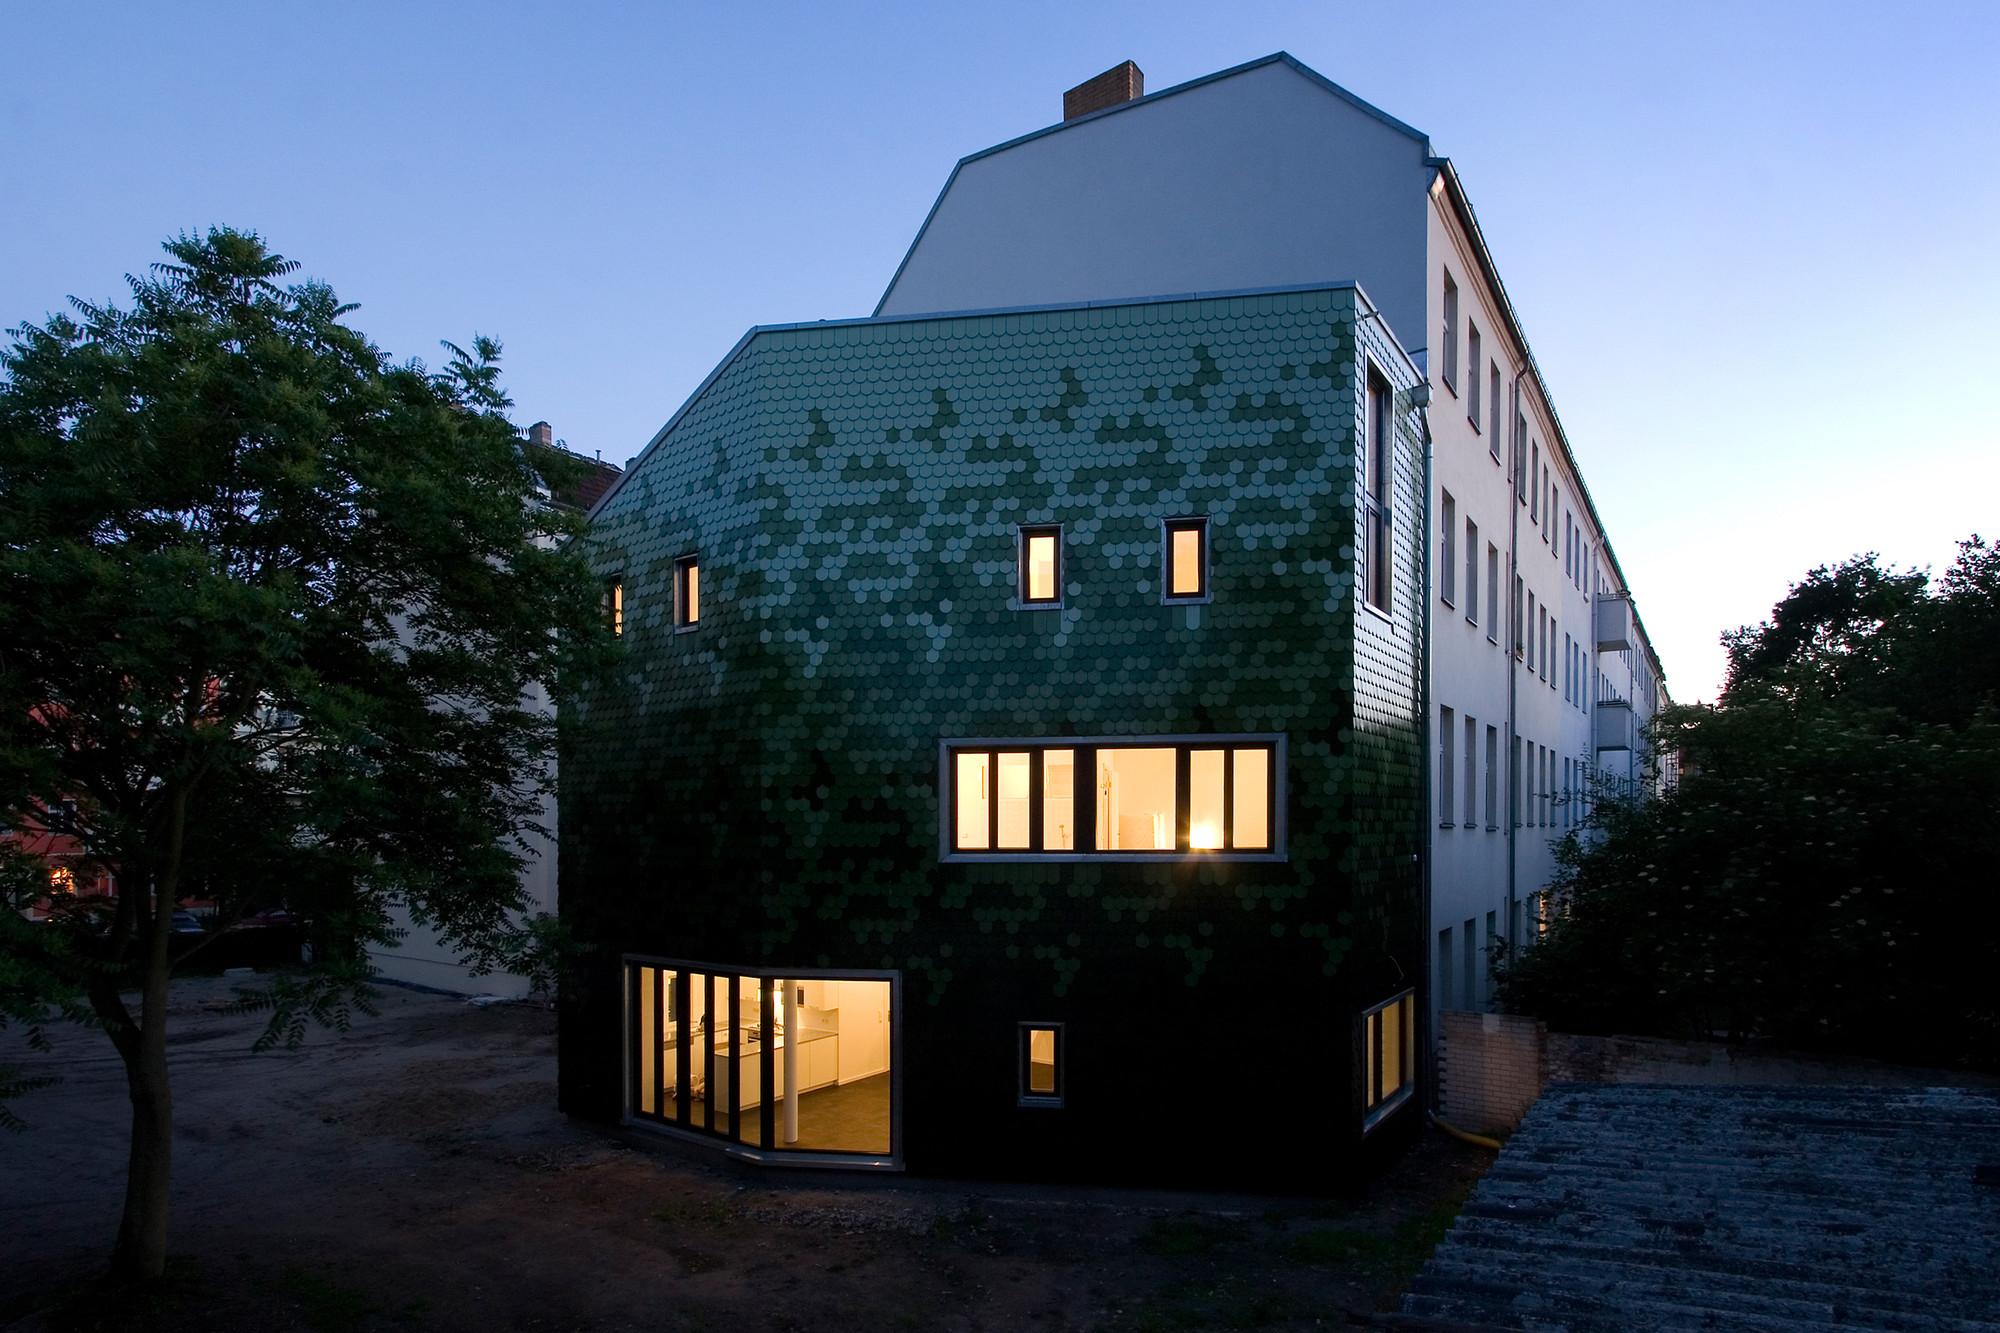 Single Family House / Brandt + Simon Architekten, © Michael Nast